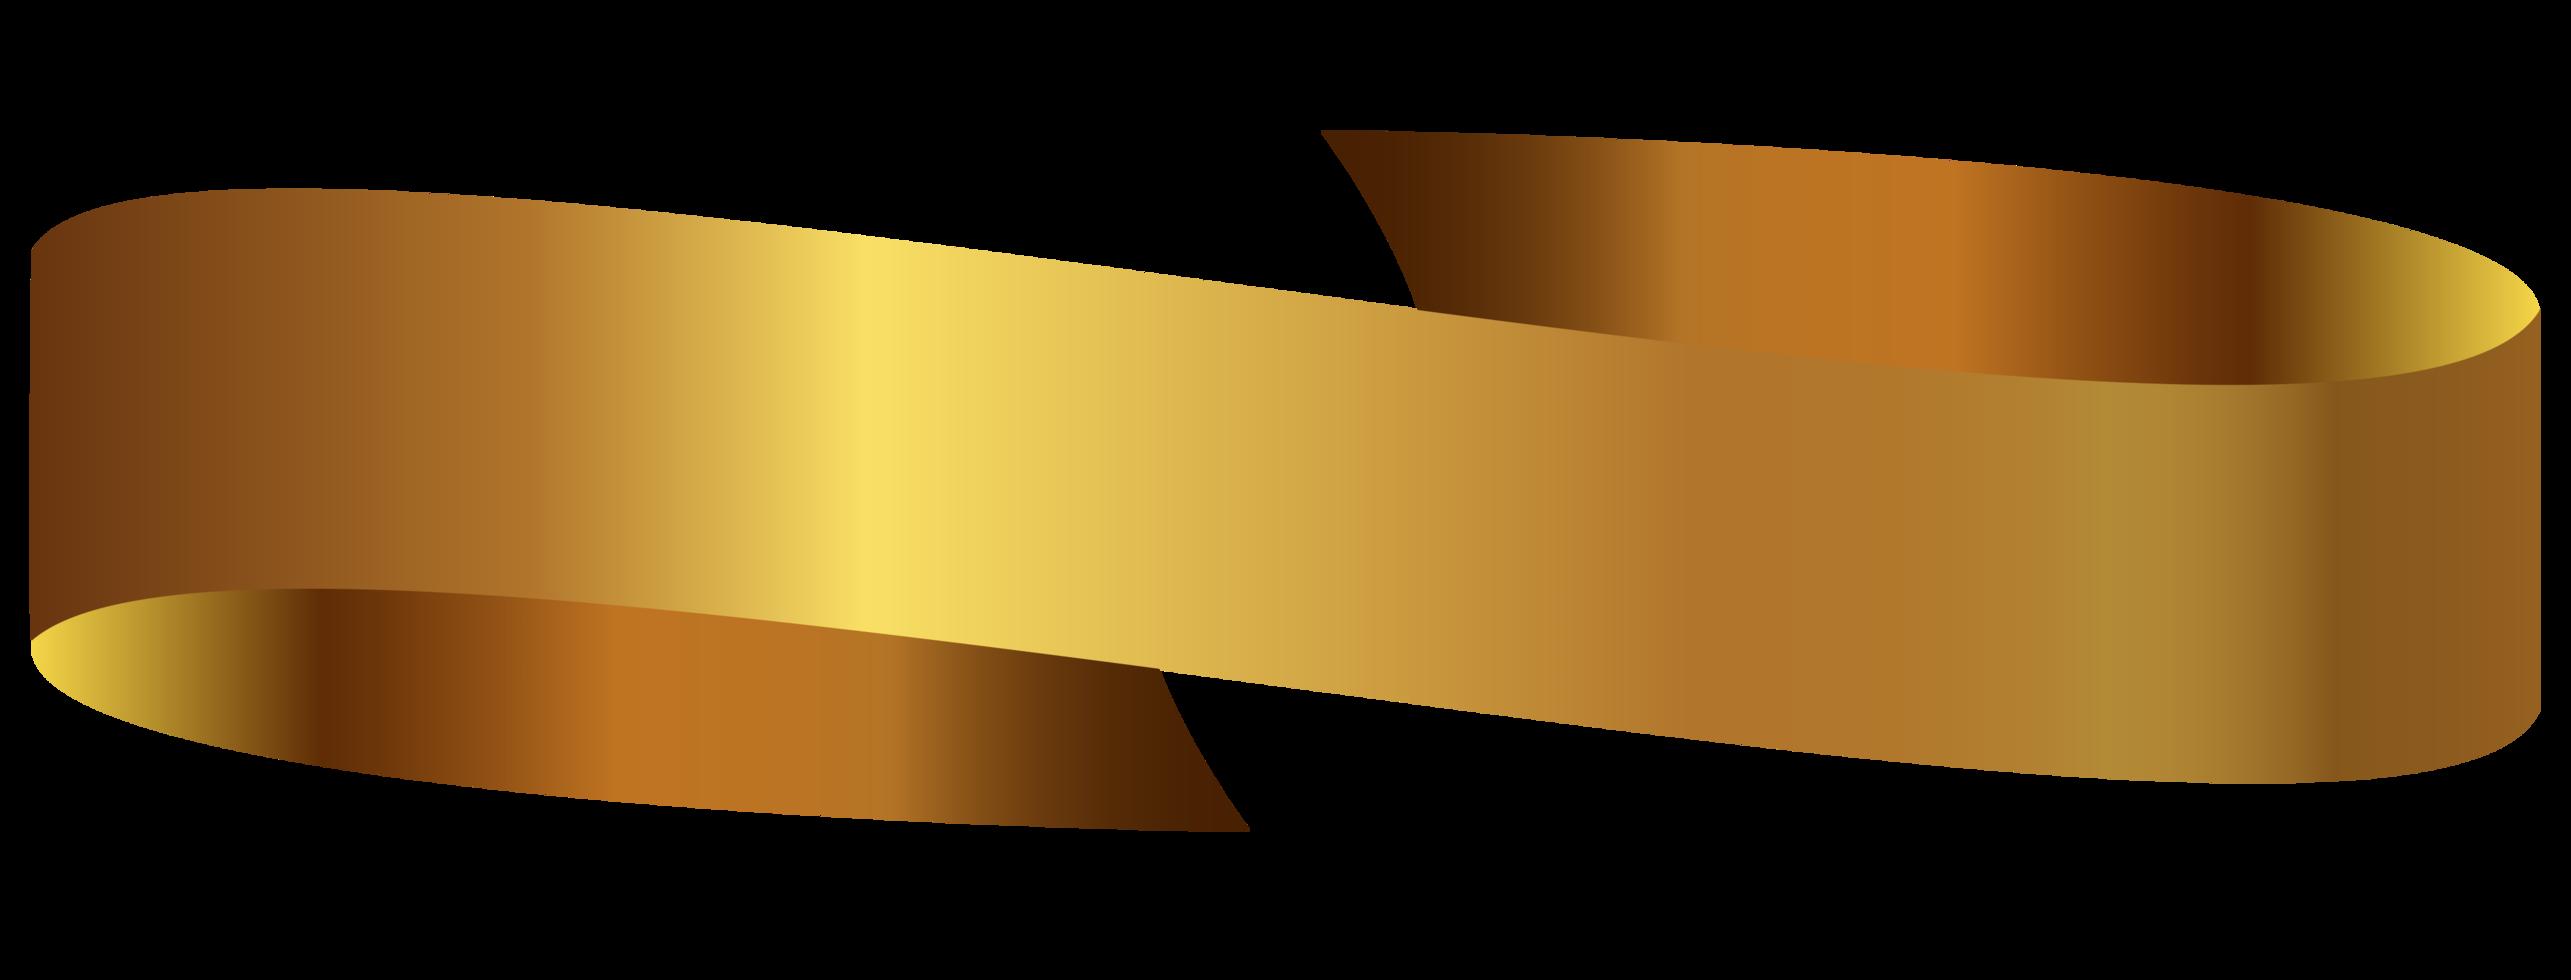 Goldband png